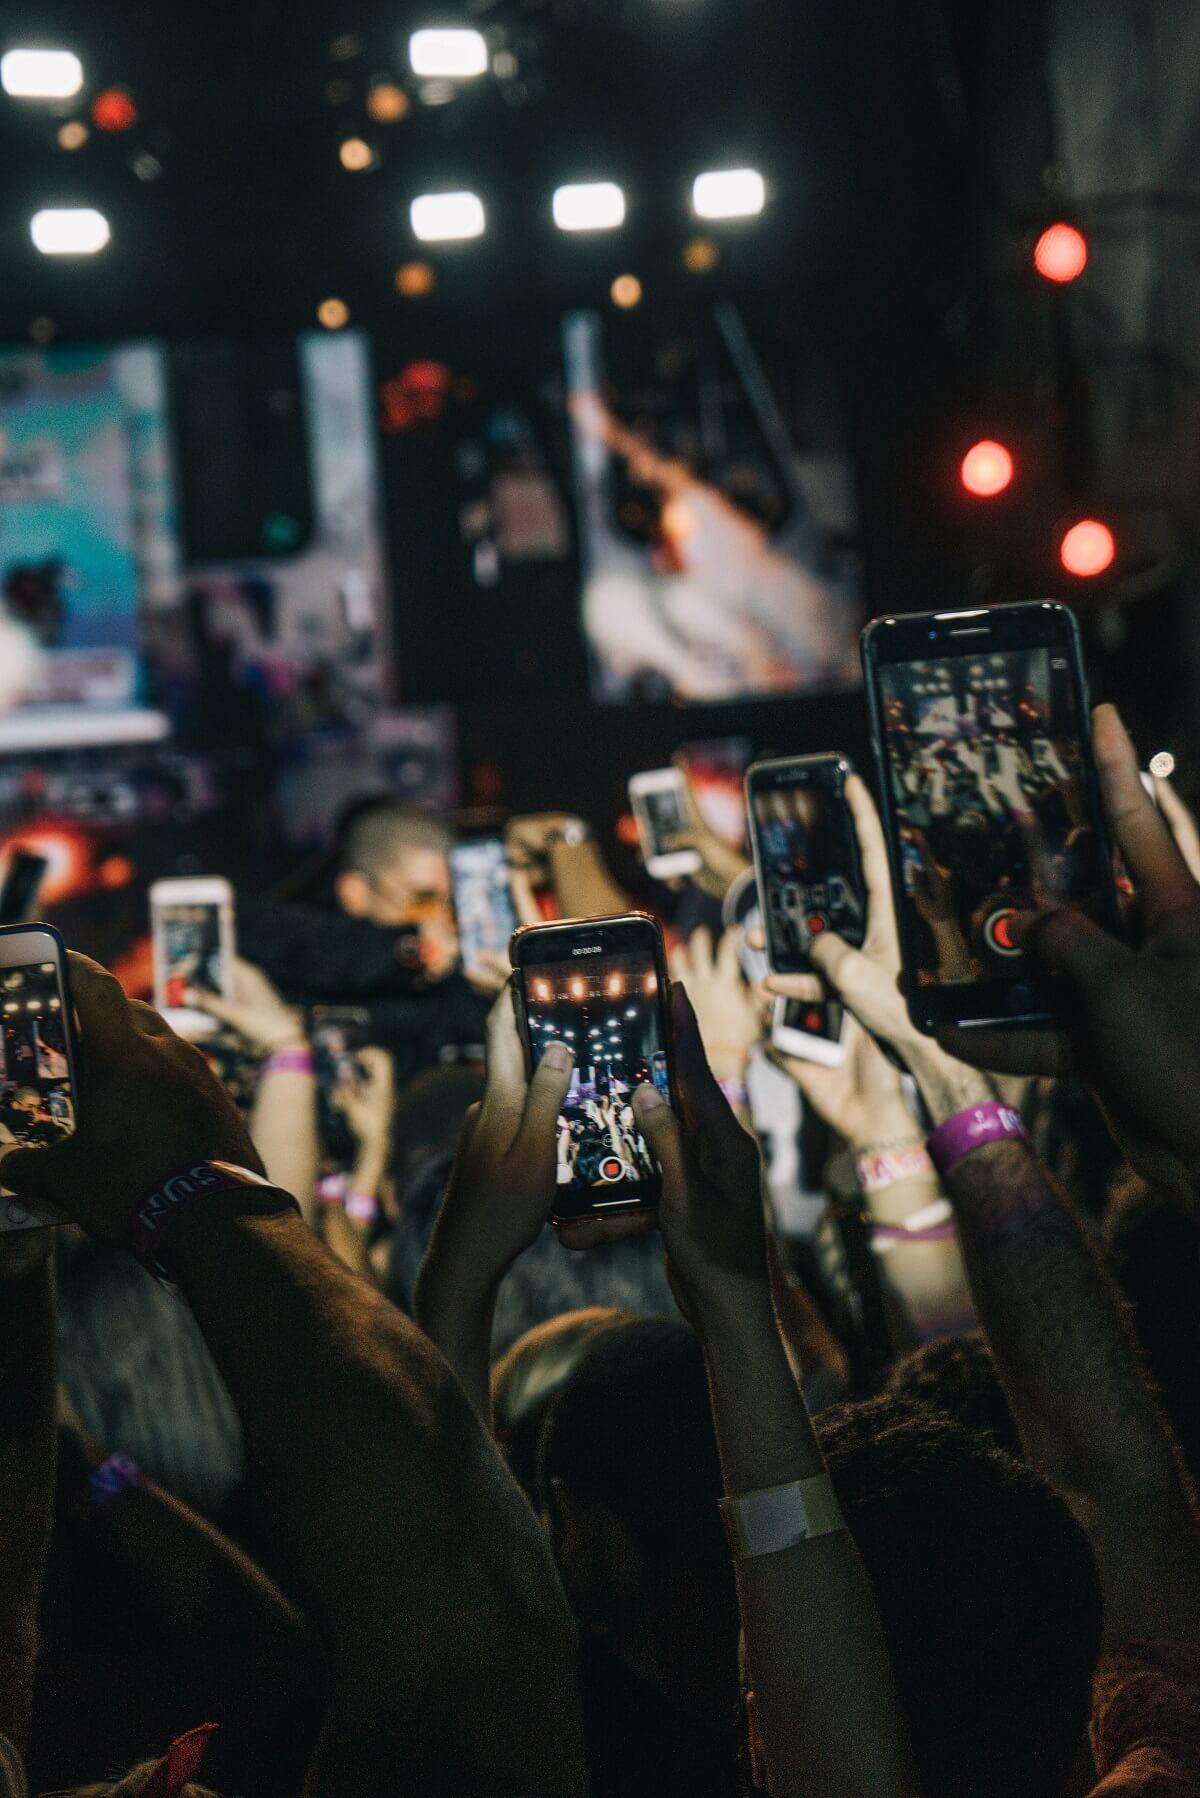 parece dificil limitar el uso de los smartphone